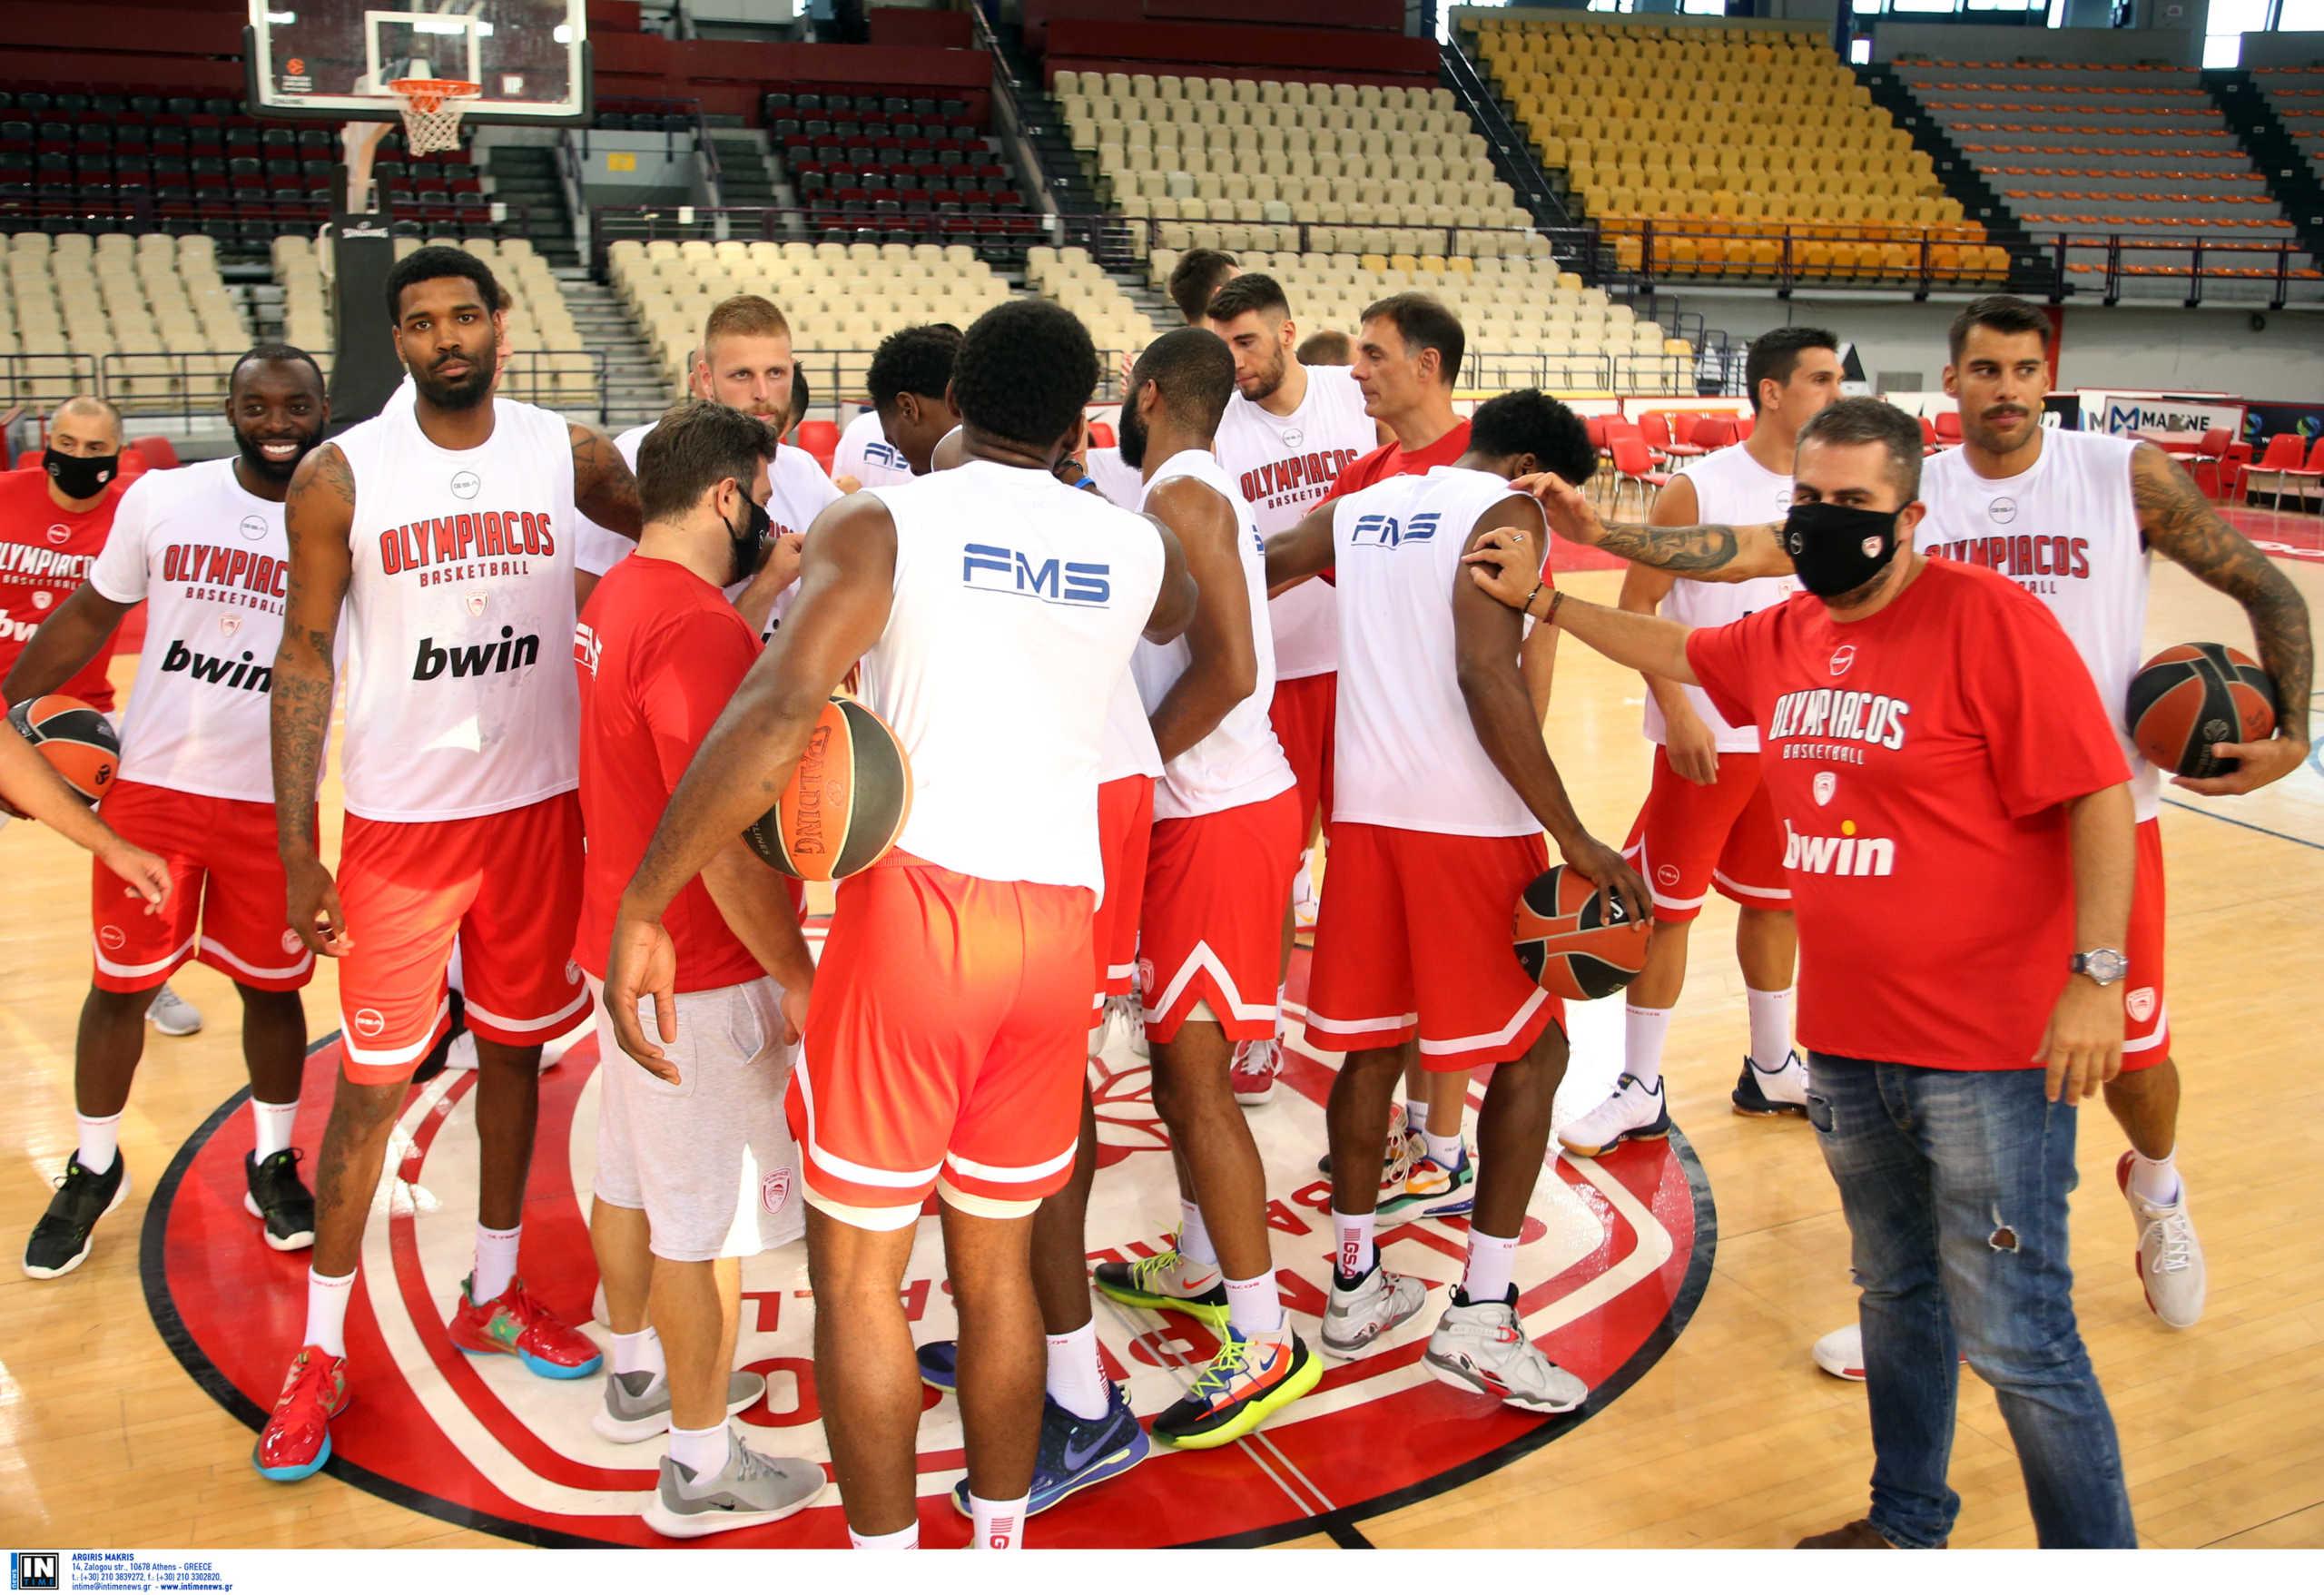 Μπάσκετ: Σε καραντίνα τέθηκε ολόκληρη η ομάδα του Ολυμπιακού!